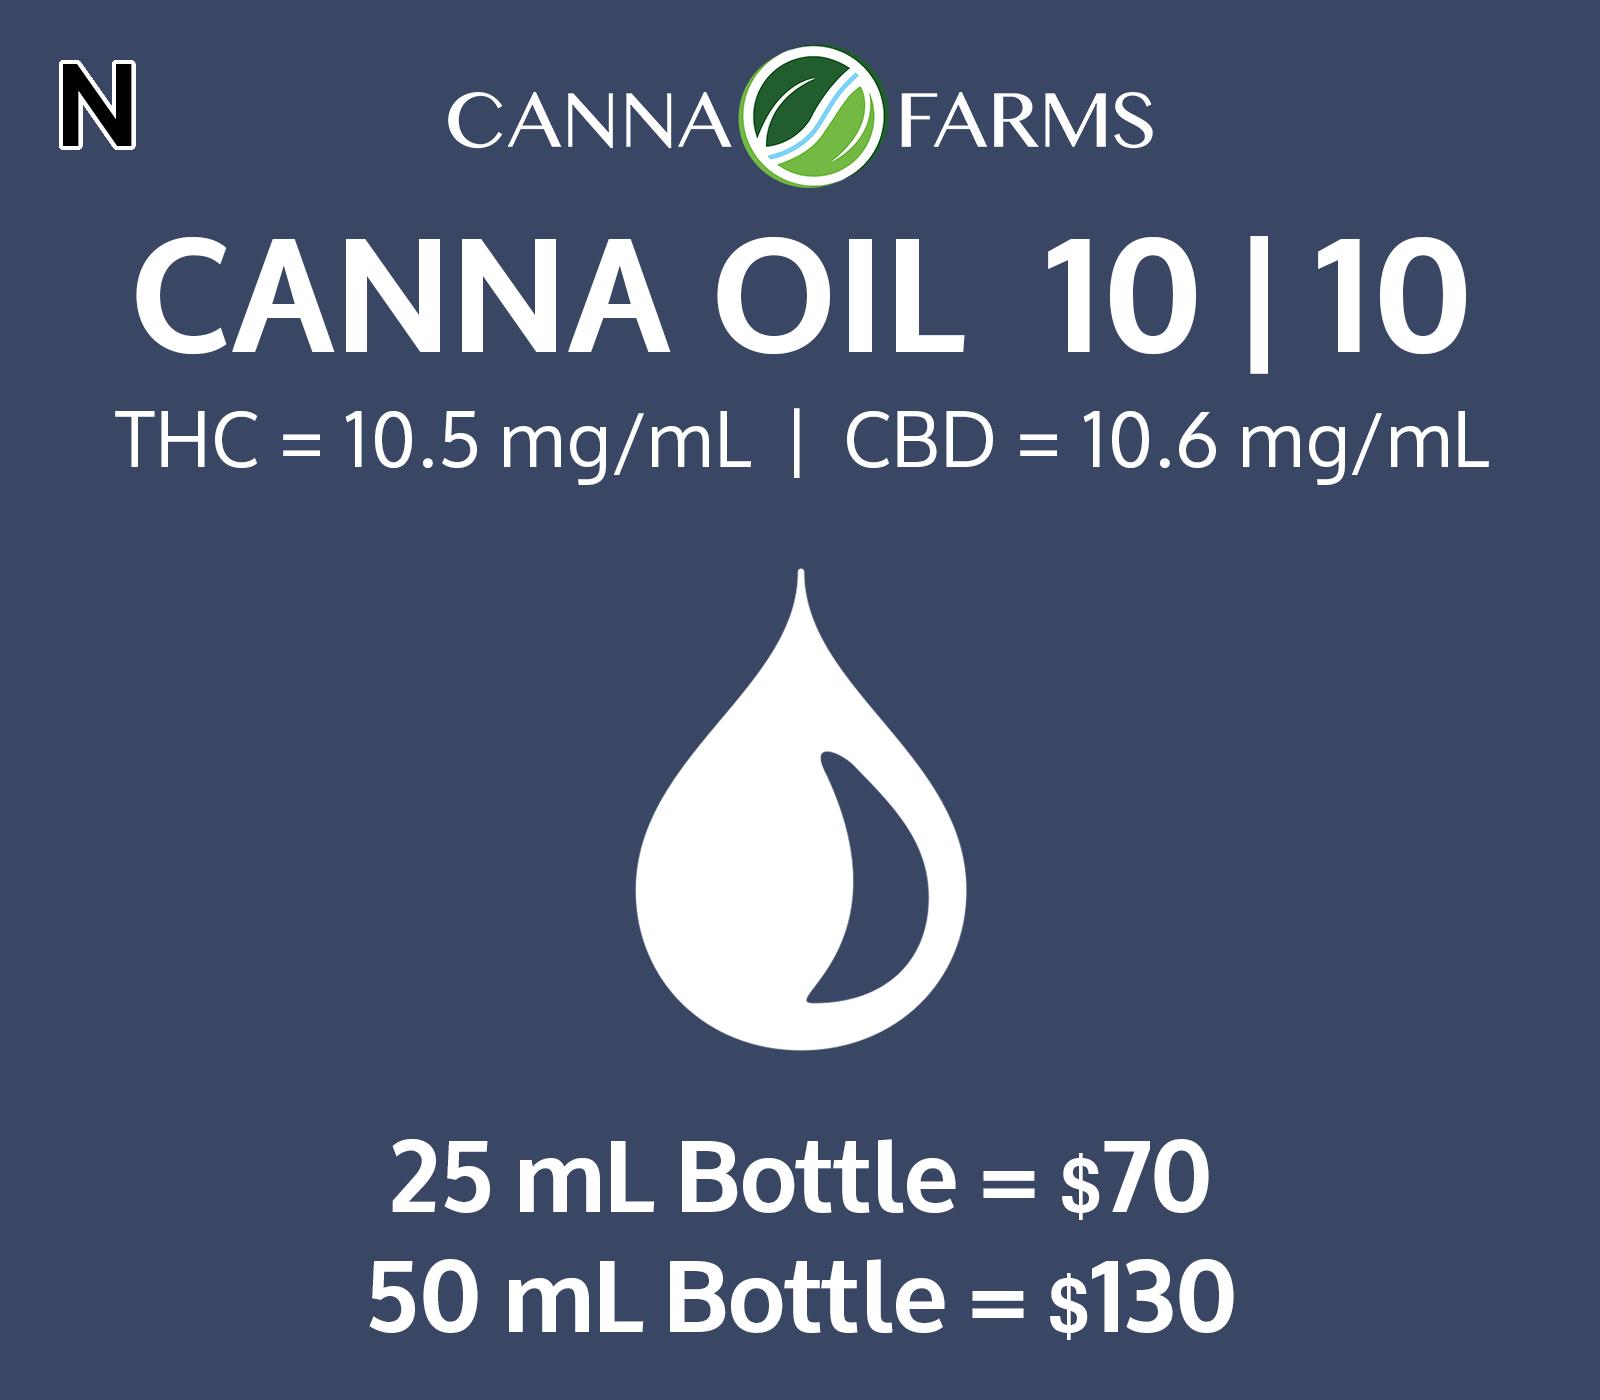 Canna_Oil_10_10